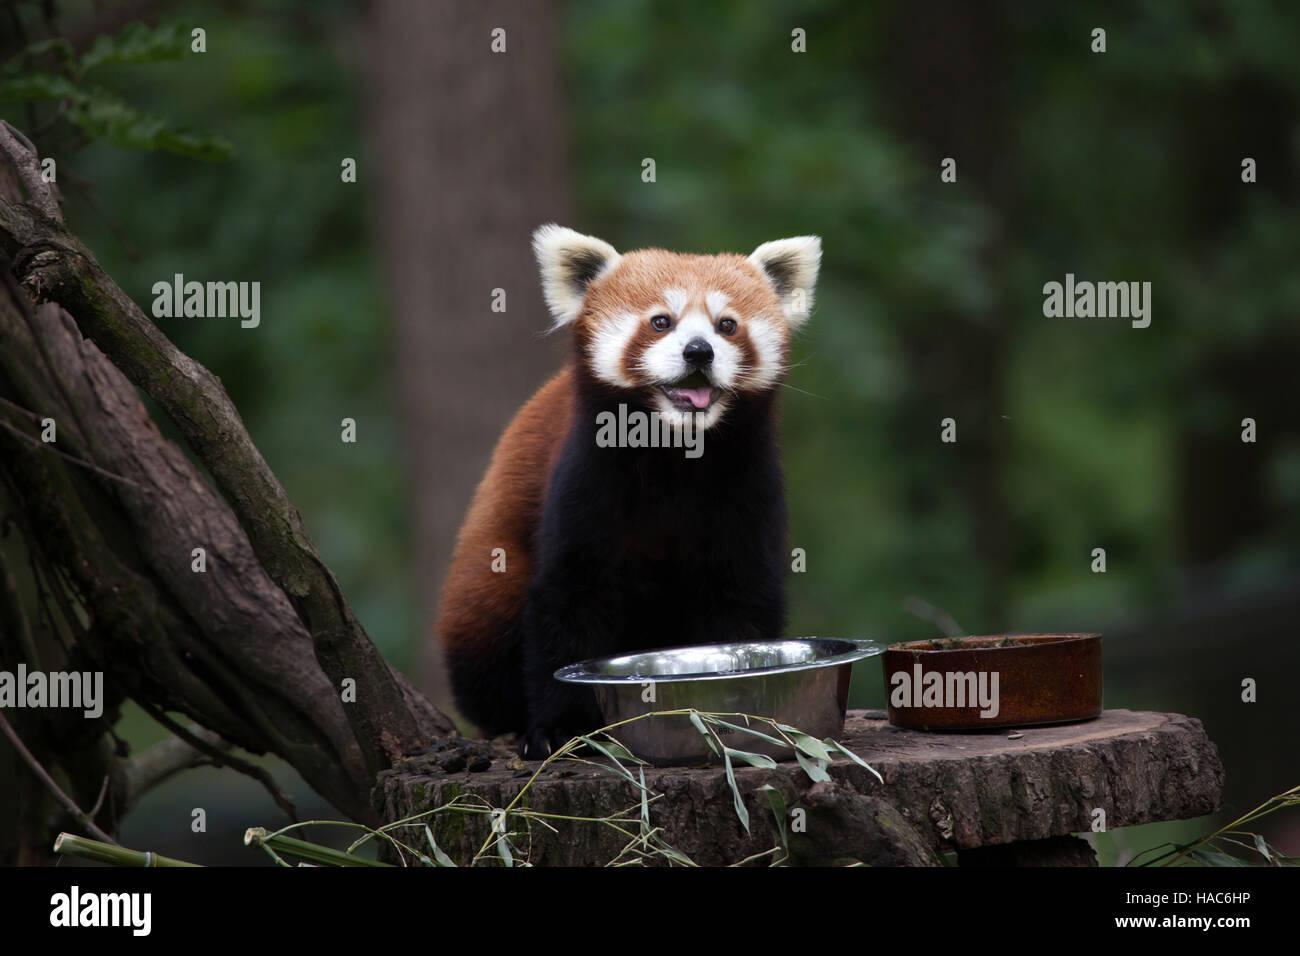 Panda rouge (Ailurus fulgens fulgens), également connu sous le nom de panda rouge népalaise au zoo de Photo Stock